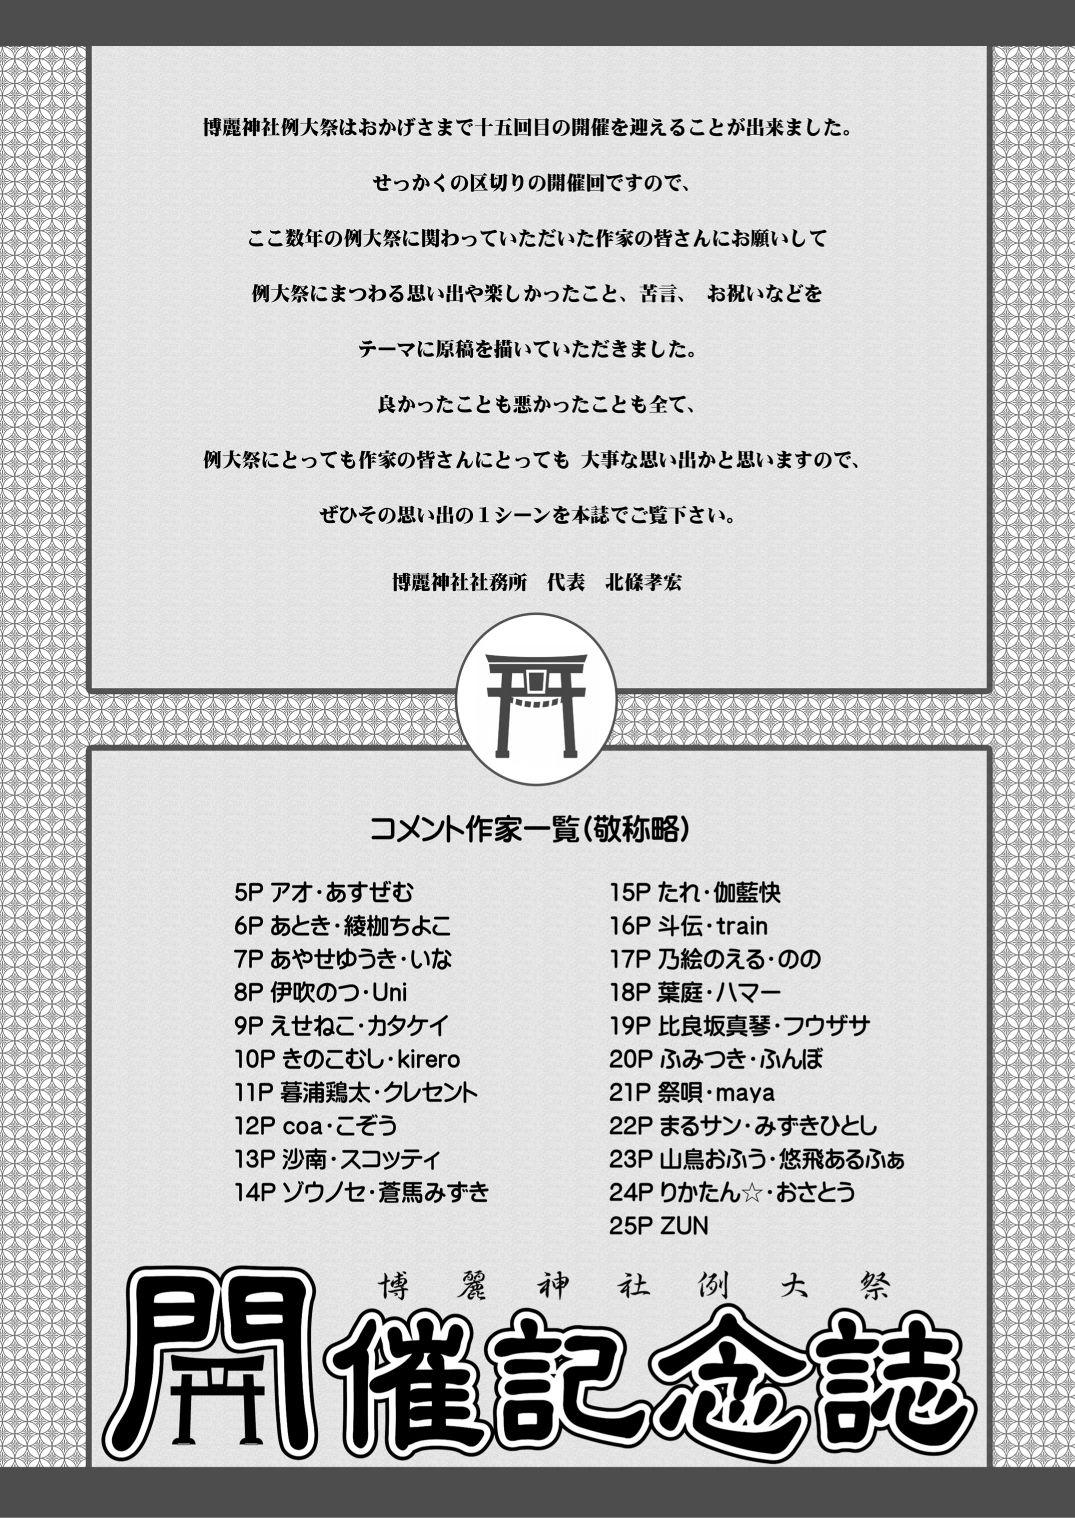 第十五回博麗神社例大祭開催記念誌&静岡例大祭壁紙 特別支援セット エロ画像